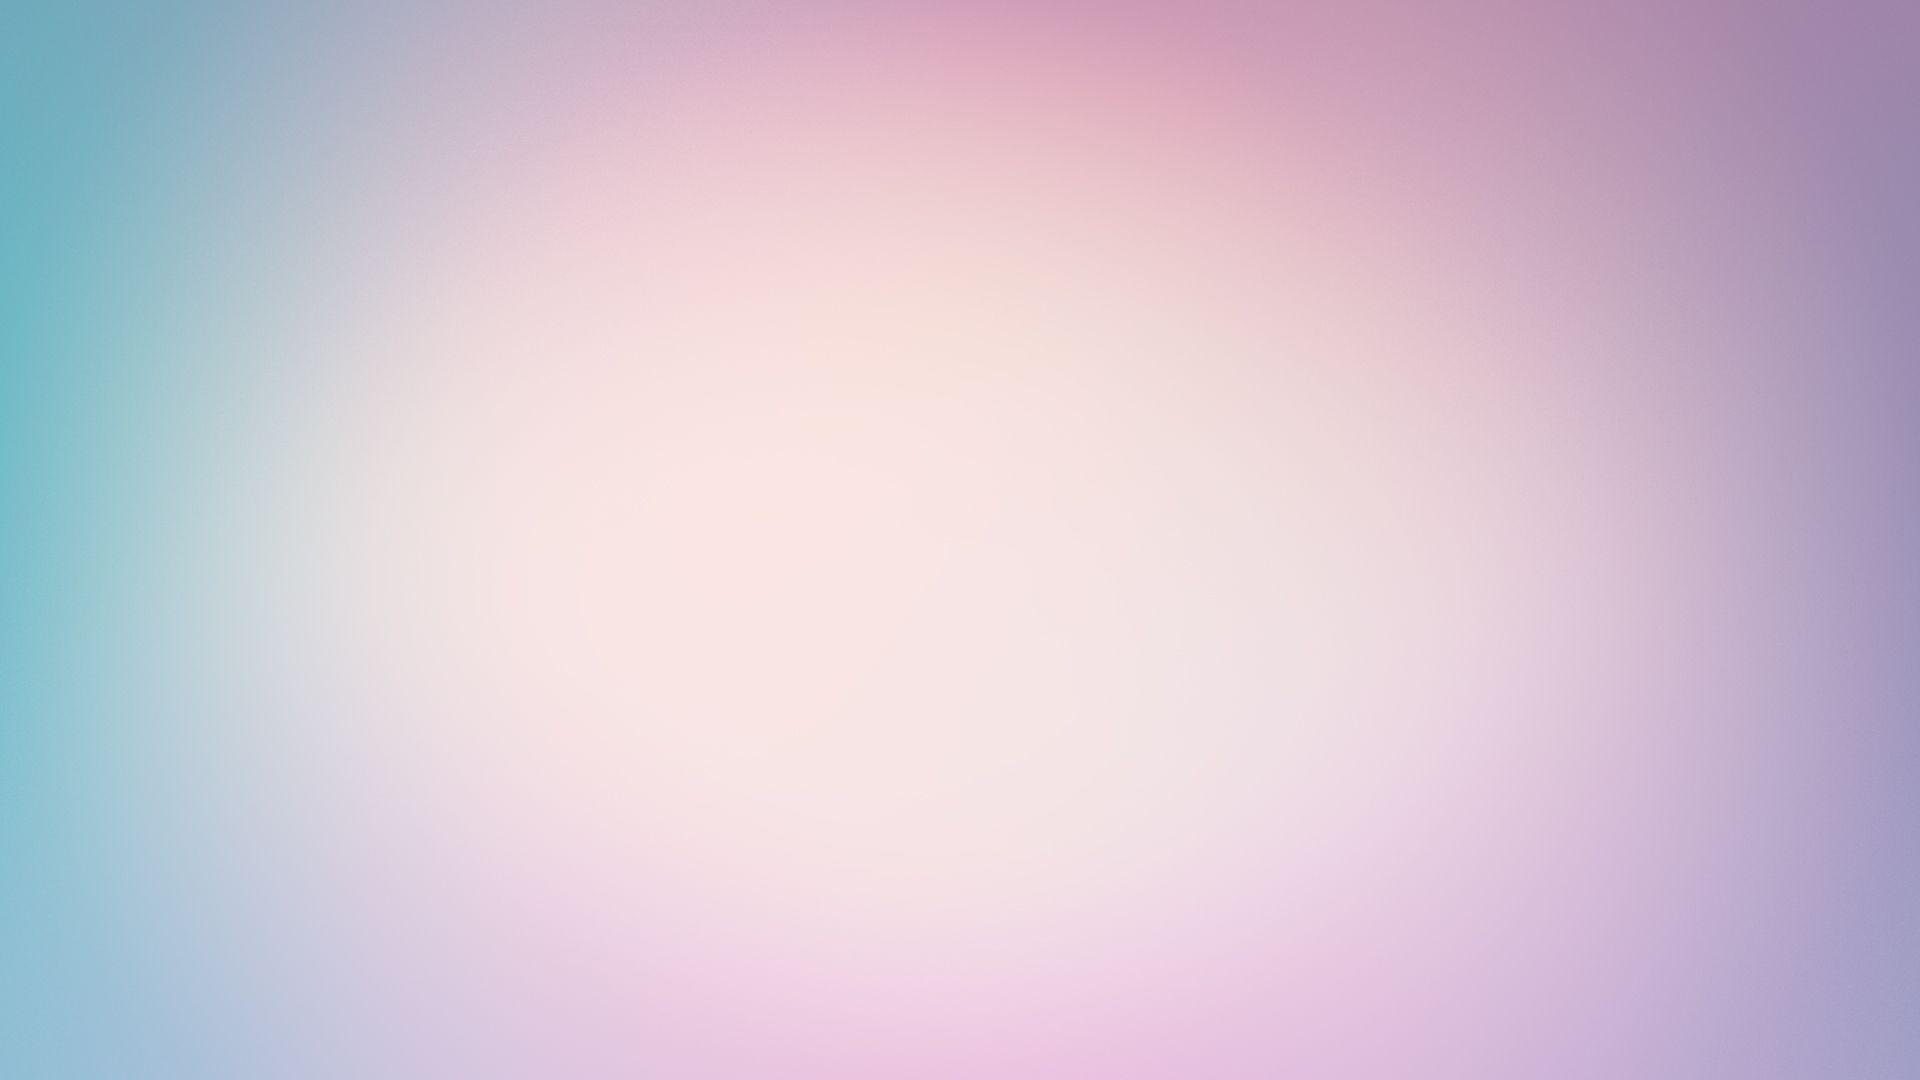 Soft Pink Wallpaper Wallpapersafari